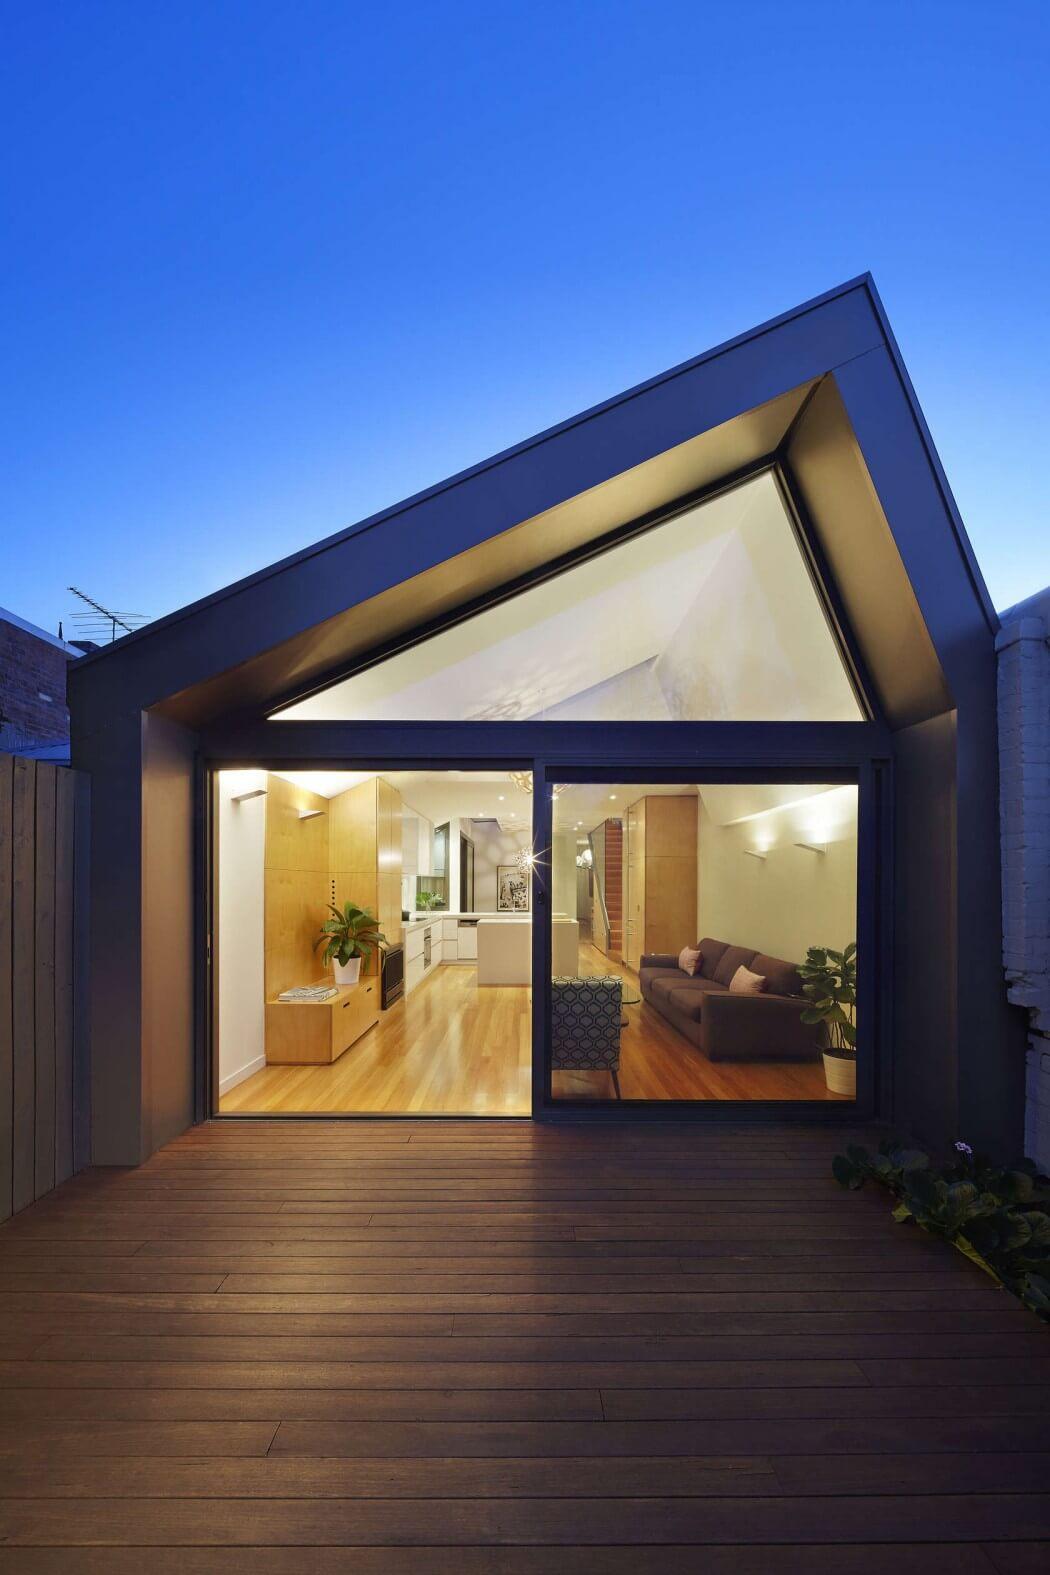 Wielki ma y dom nic owen architect awx2 blog for Big house blog